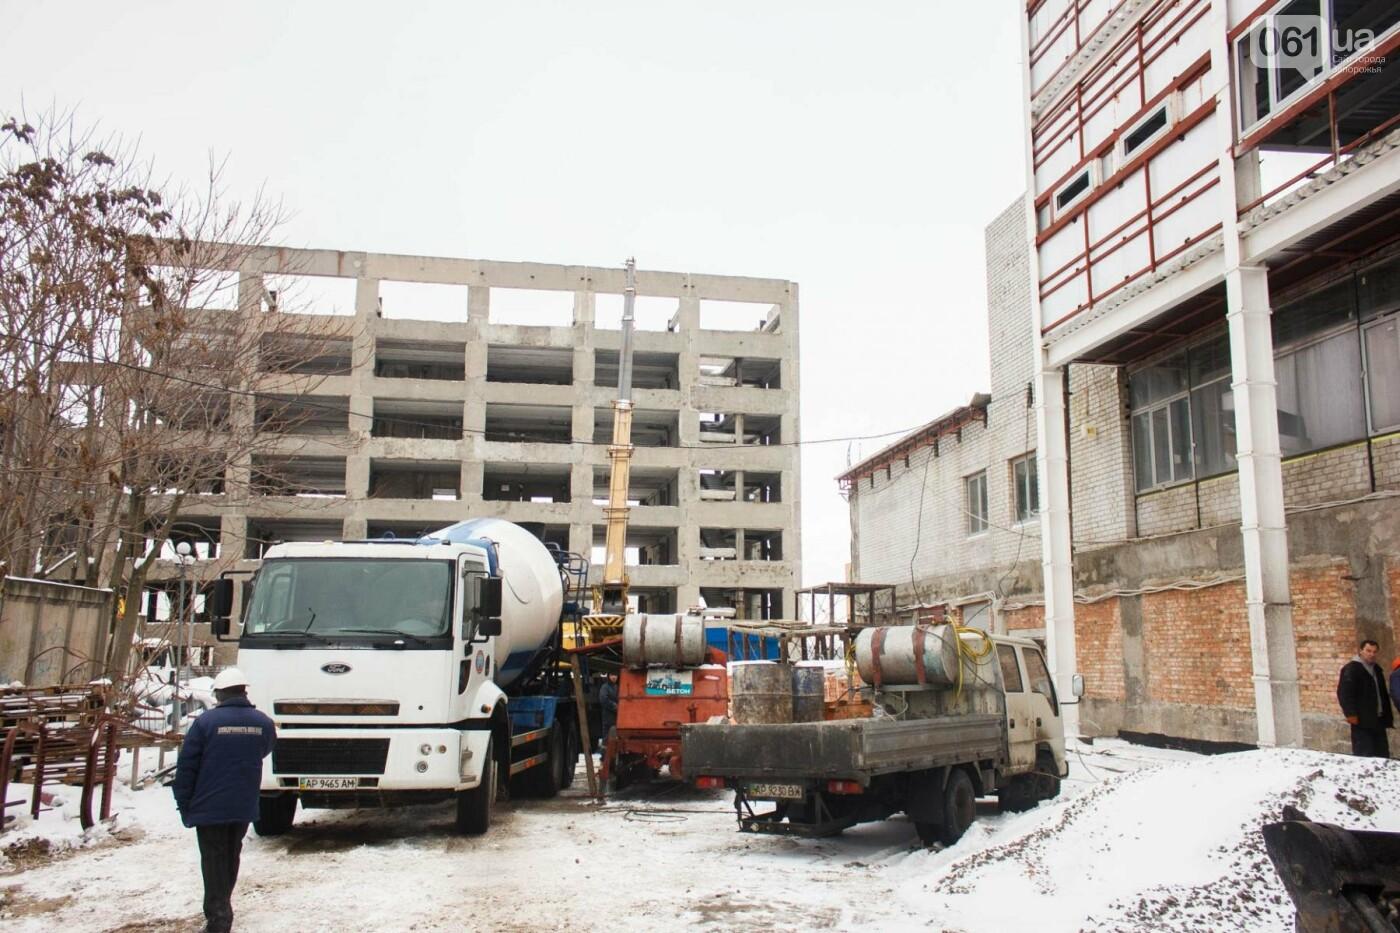 """В Запорожье подходит к концу реконструкция """"Юности"""": что сделали за 11 месяцев работы, — ФОТОРЕПОРТАЖ, фото-33"""